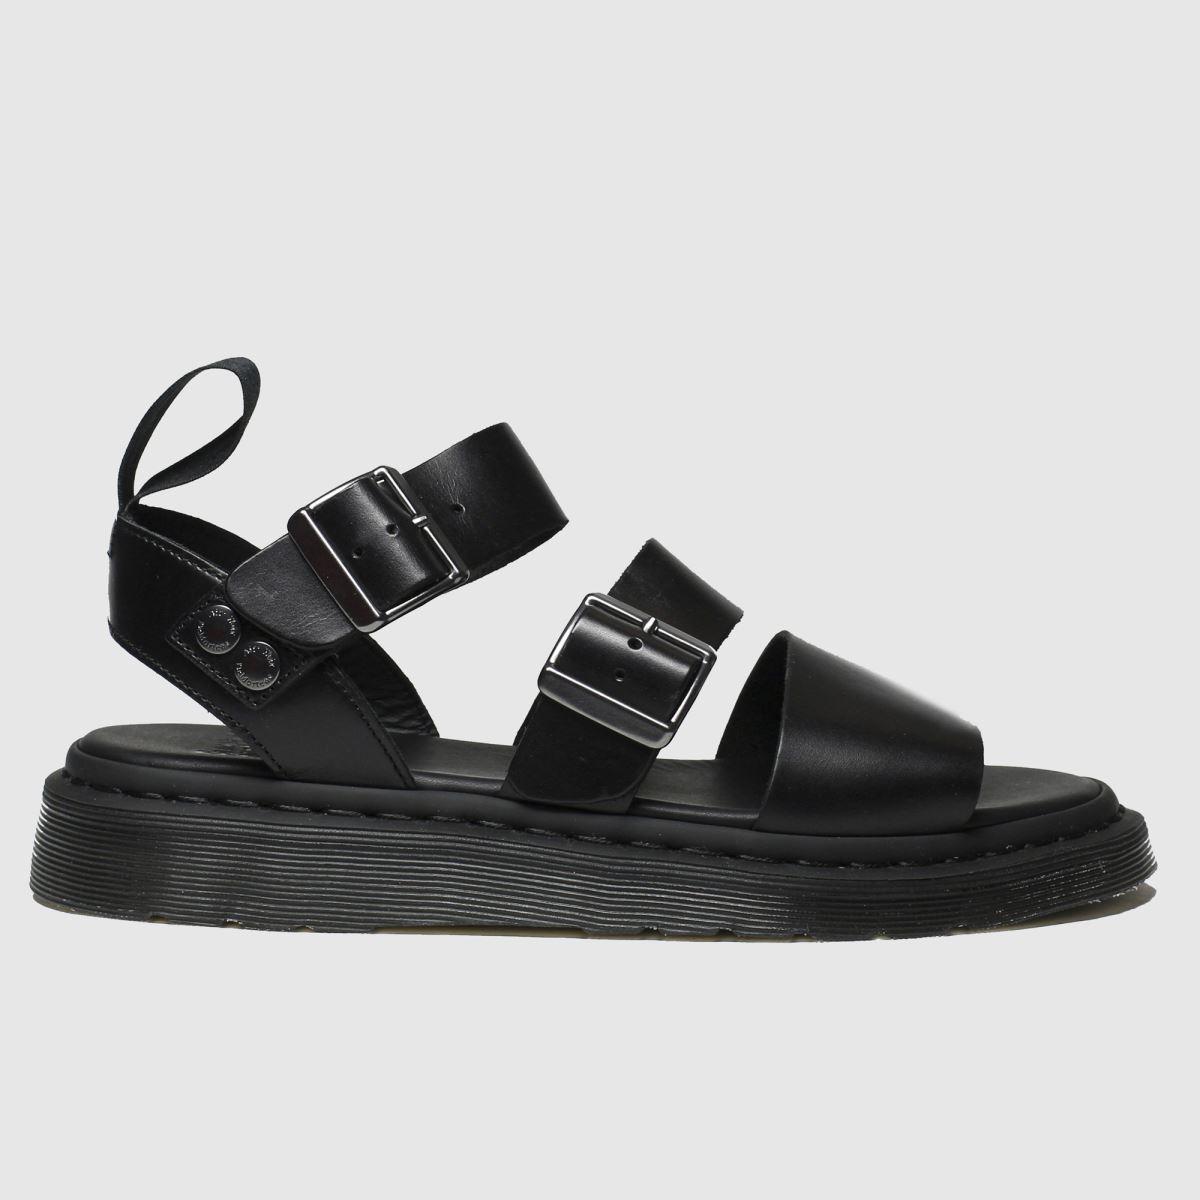 Dr Martens Black Dm Gryphon Sandal Sandals